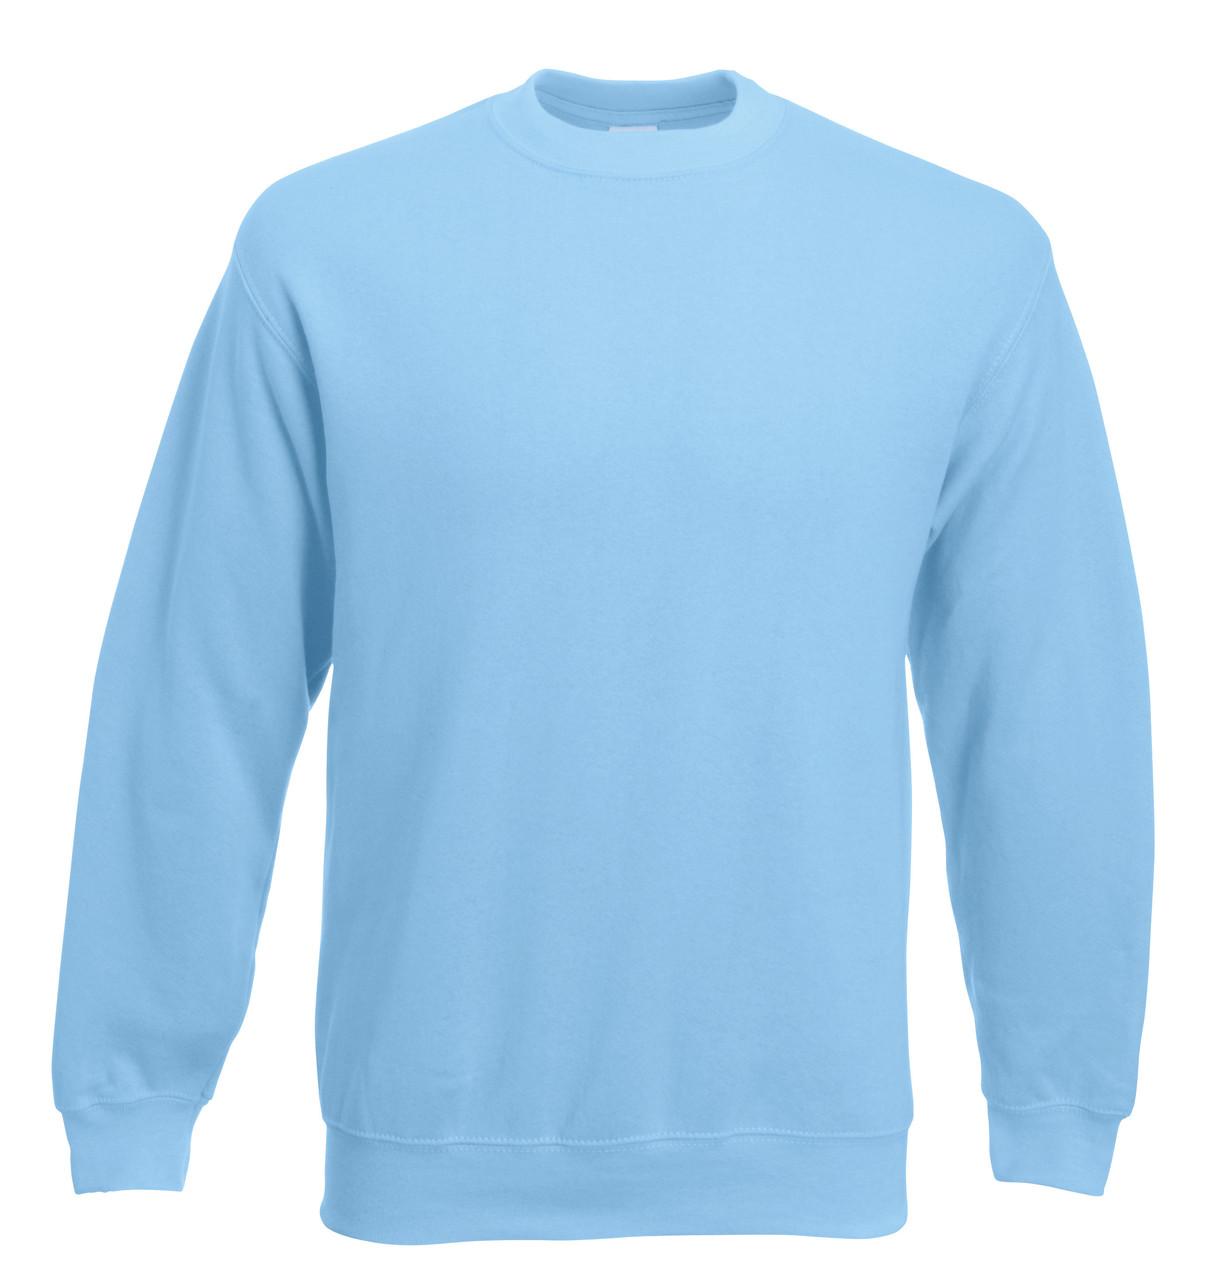 Мужской классический свитер Небесно-голубой  Fruit Of The Loom 62-202-YT M